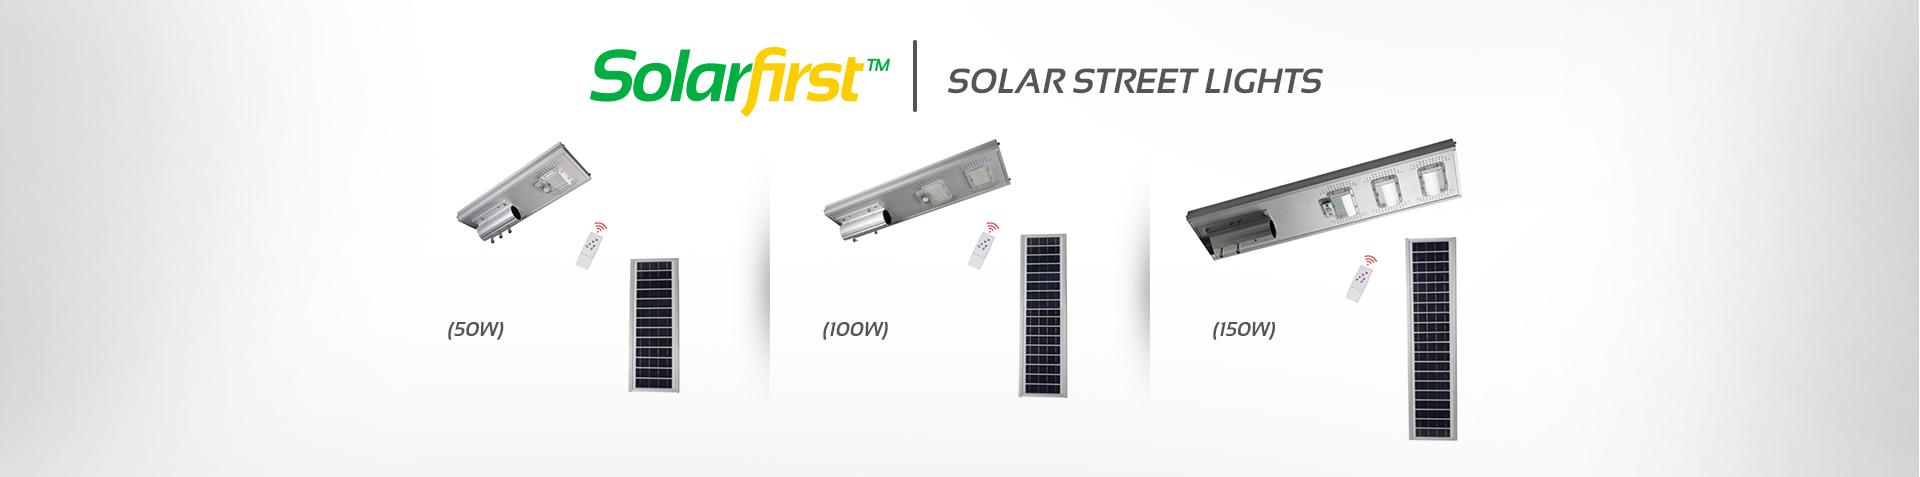 Solar-Street-Lights1.1